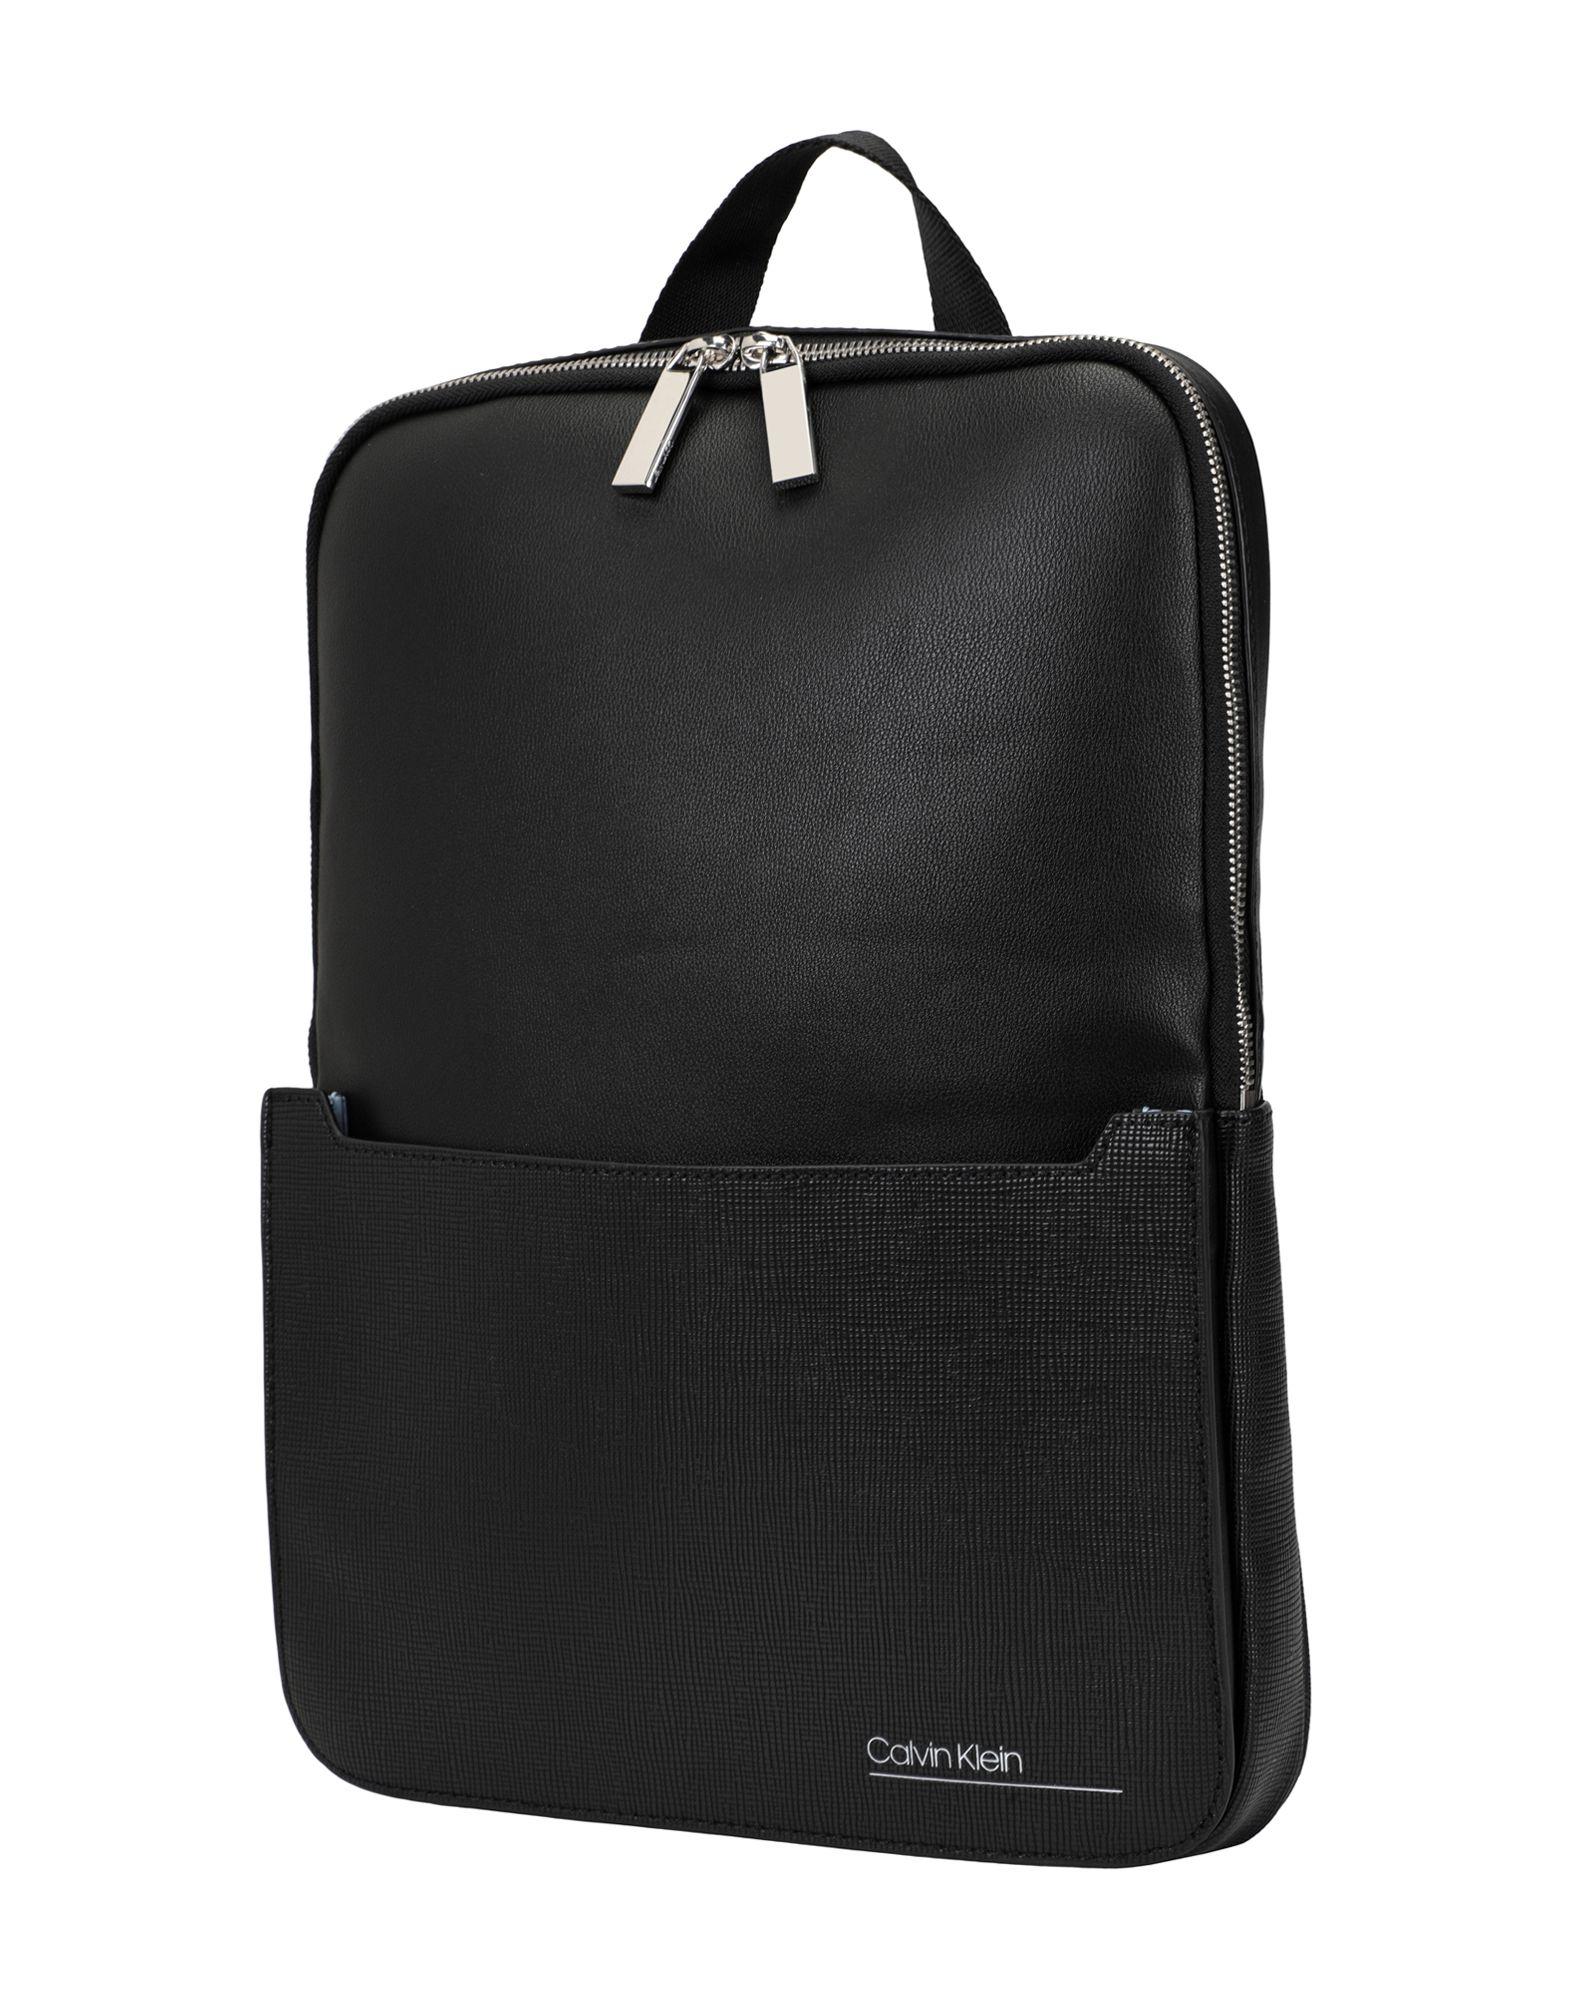 CALVIN KLEIN Рюкзаки и сумки на пояс сумки magnolia сумка женская a761 7363 лак искусственная кожа page 8